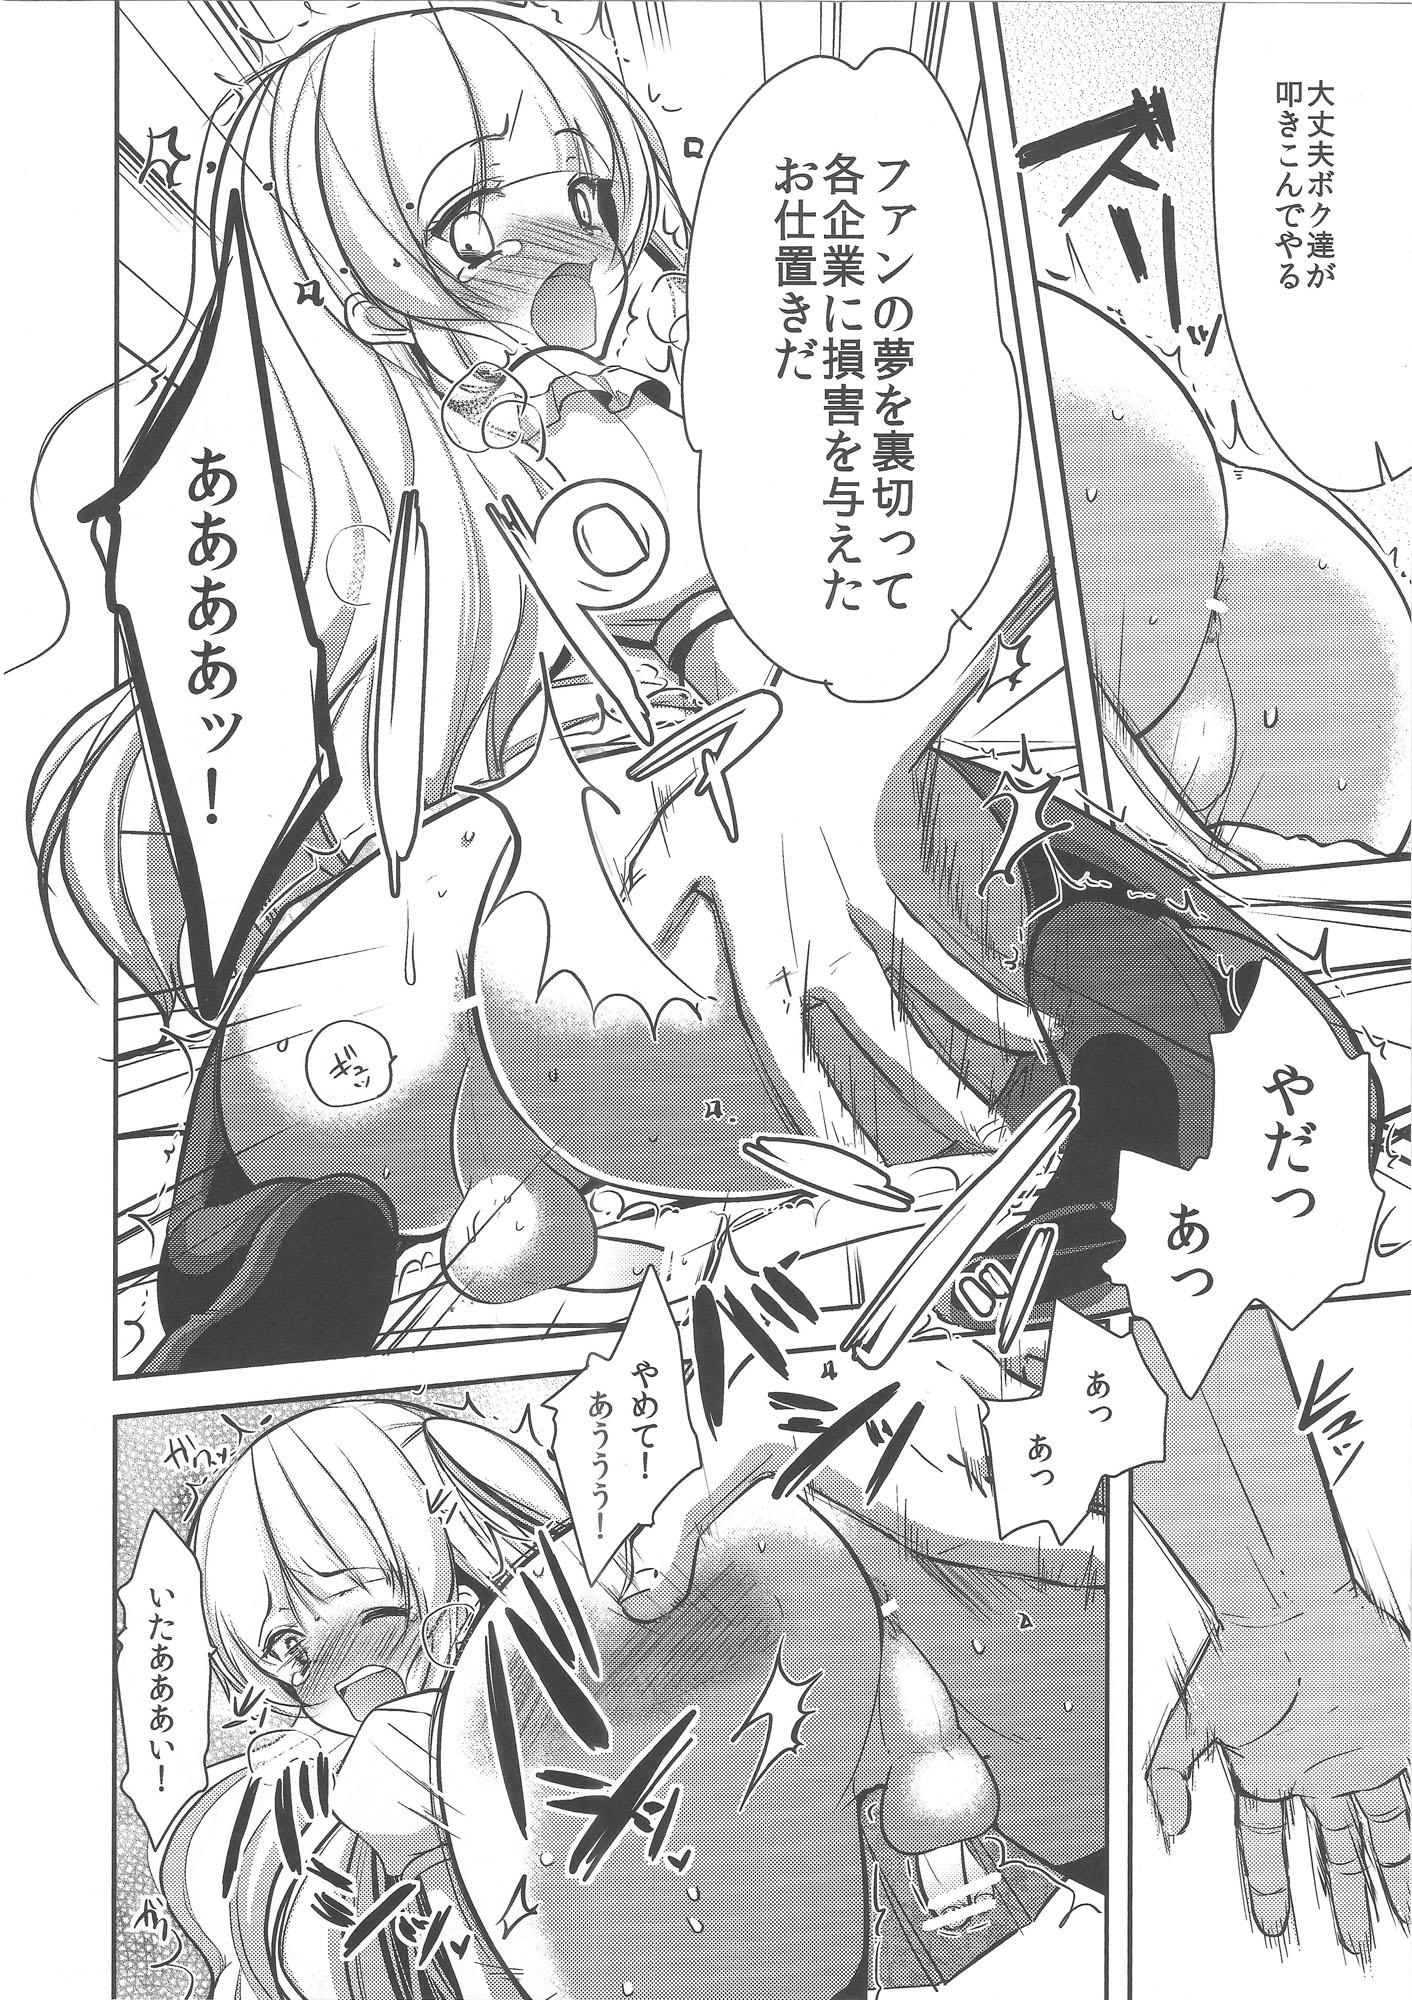 【エロ漫画・エロ同人誌】男の娘アイドルがスキャンダル起こして違約金の為に枕営業してるwww (7)